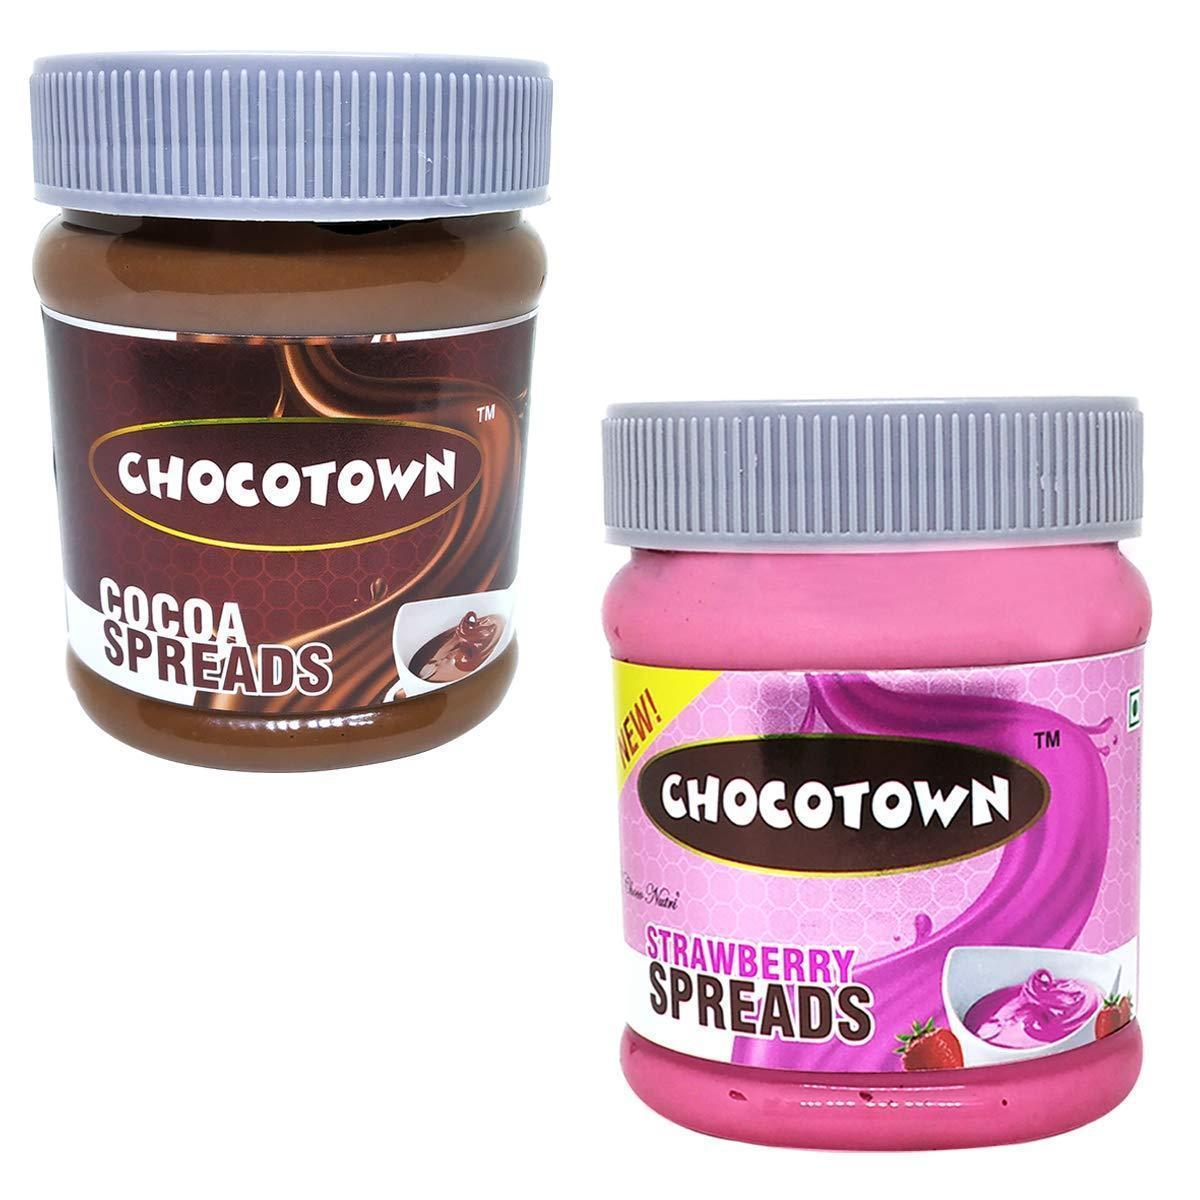 Chocotown Chocolate Spreads - Cocoa Spreads & Strawberry Spreads- 350 gm - Unnati Enterprises